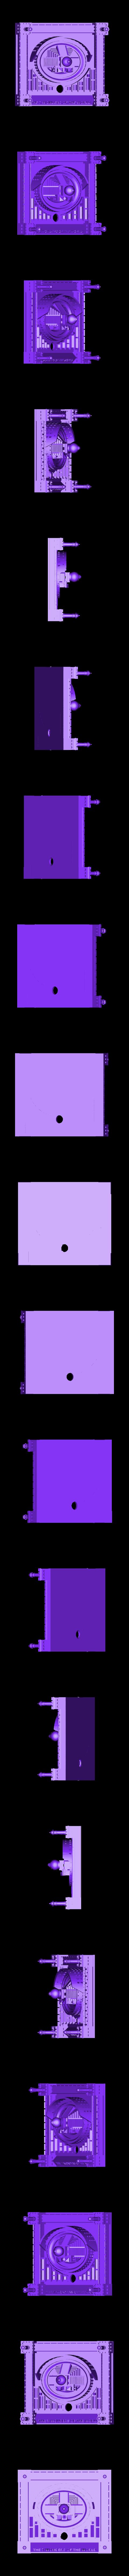 7_wonders_mashed_alt.stl Télécharger fichier STL gratuit Nouveau casse-tête des 7 merveilles • Design pour impression 3D, Beardoric